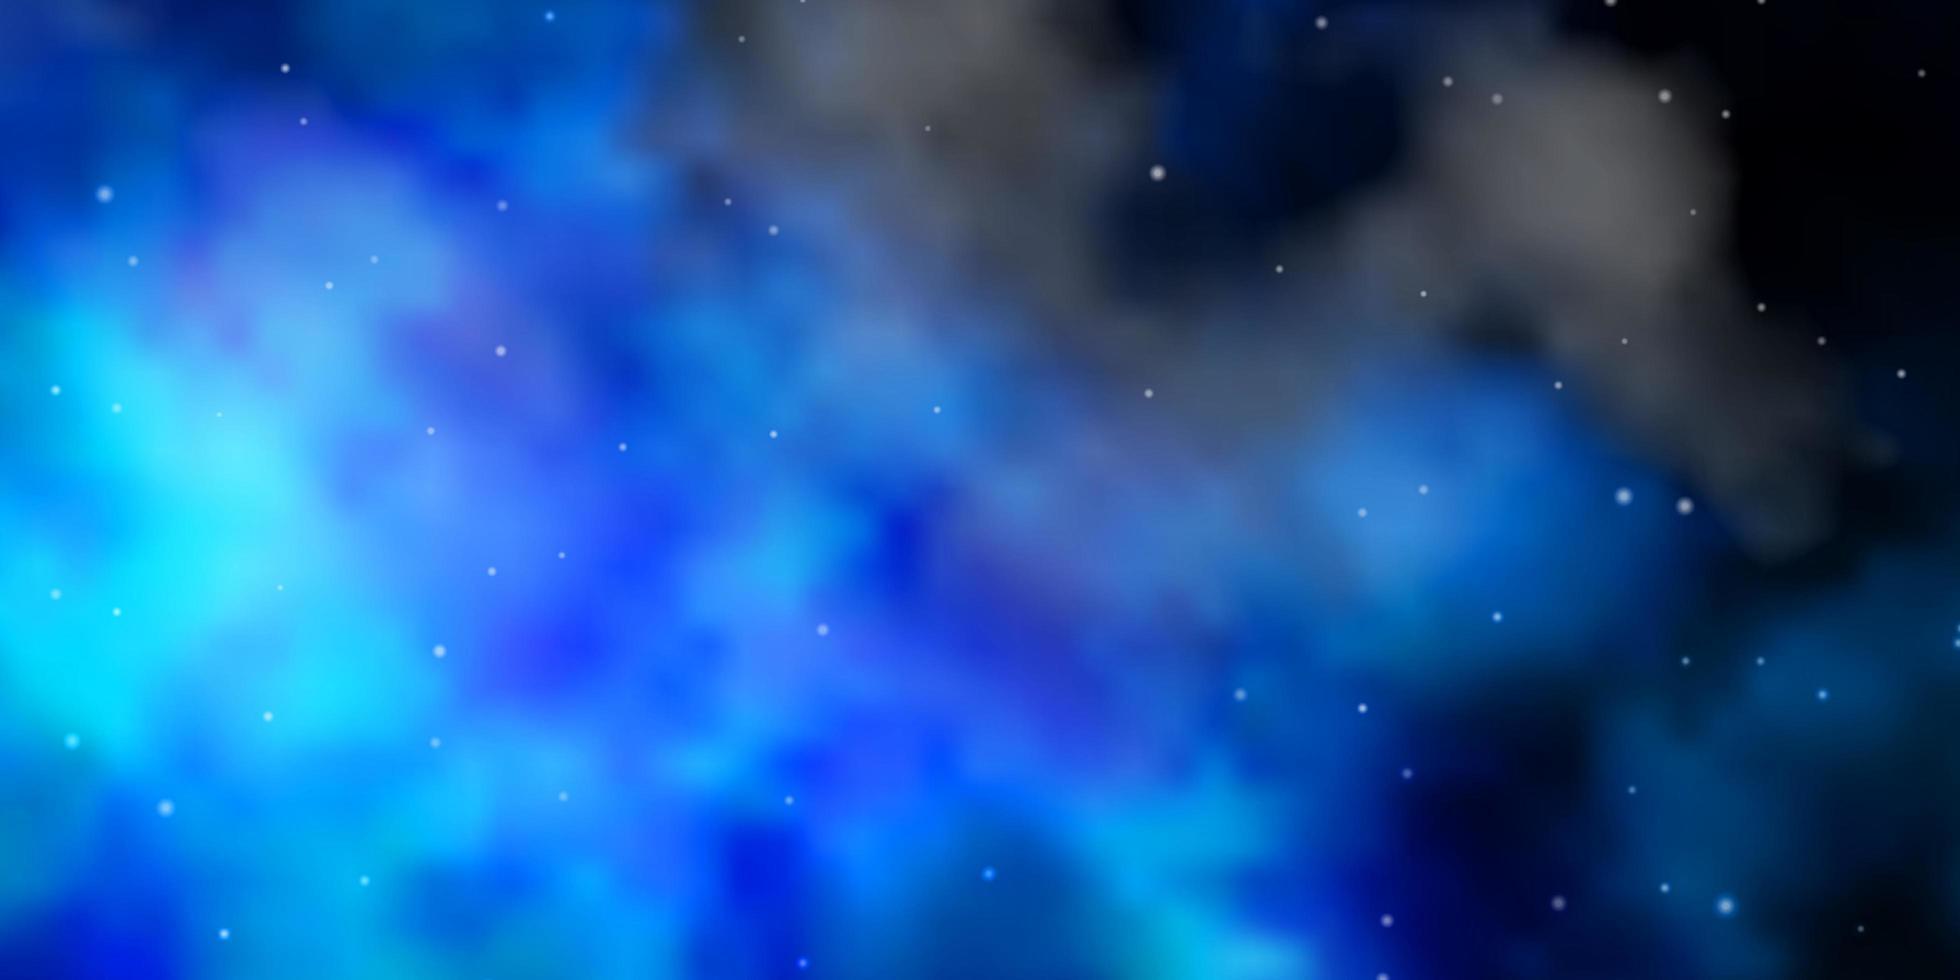 hellblauer Vektorhintergrund mit kleinen und großen Sternen. vektor